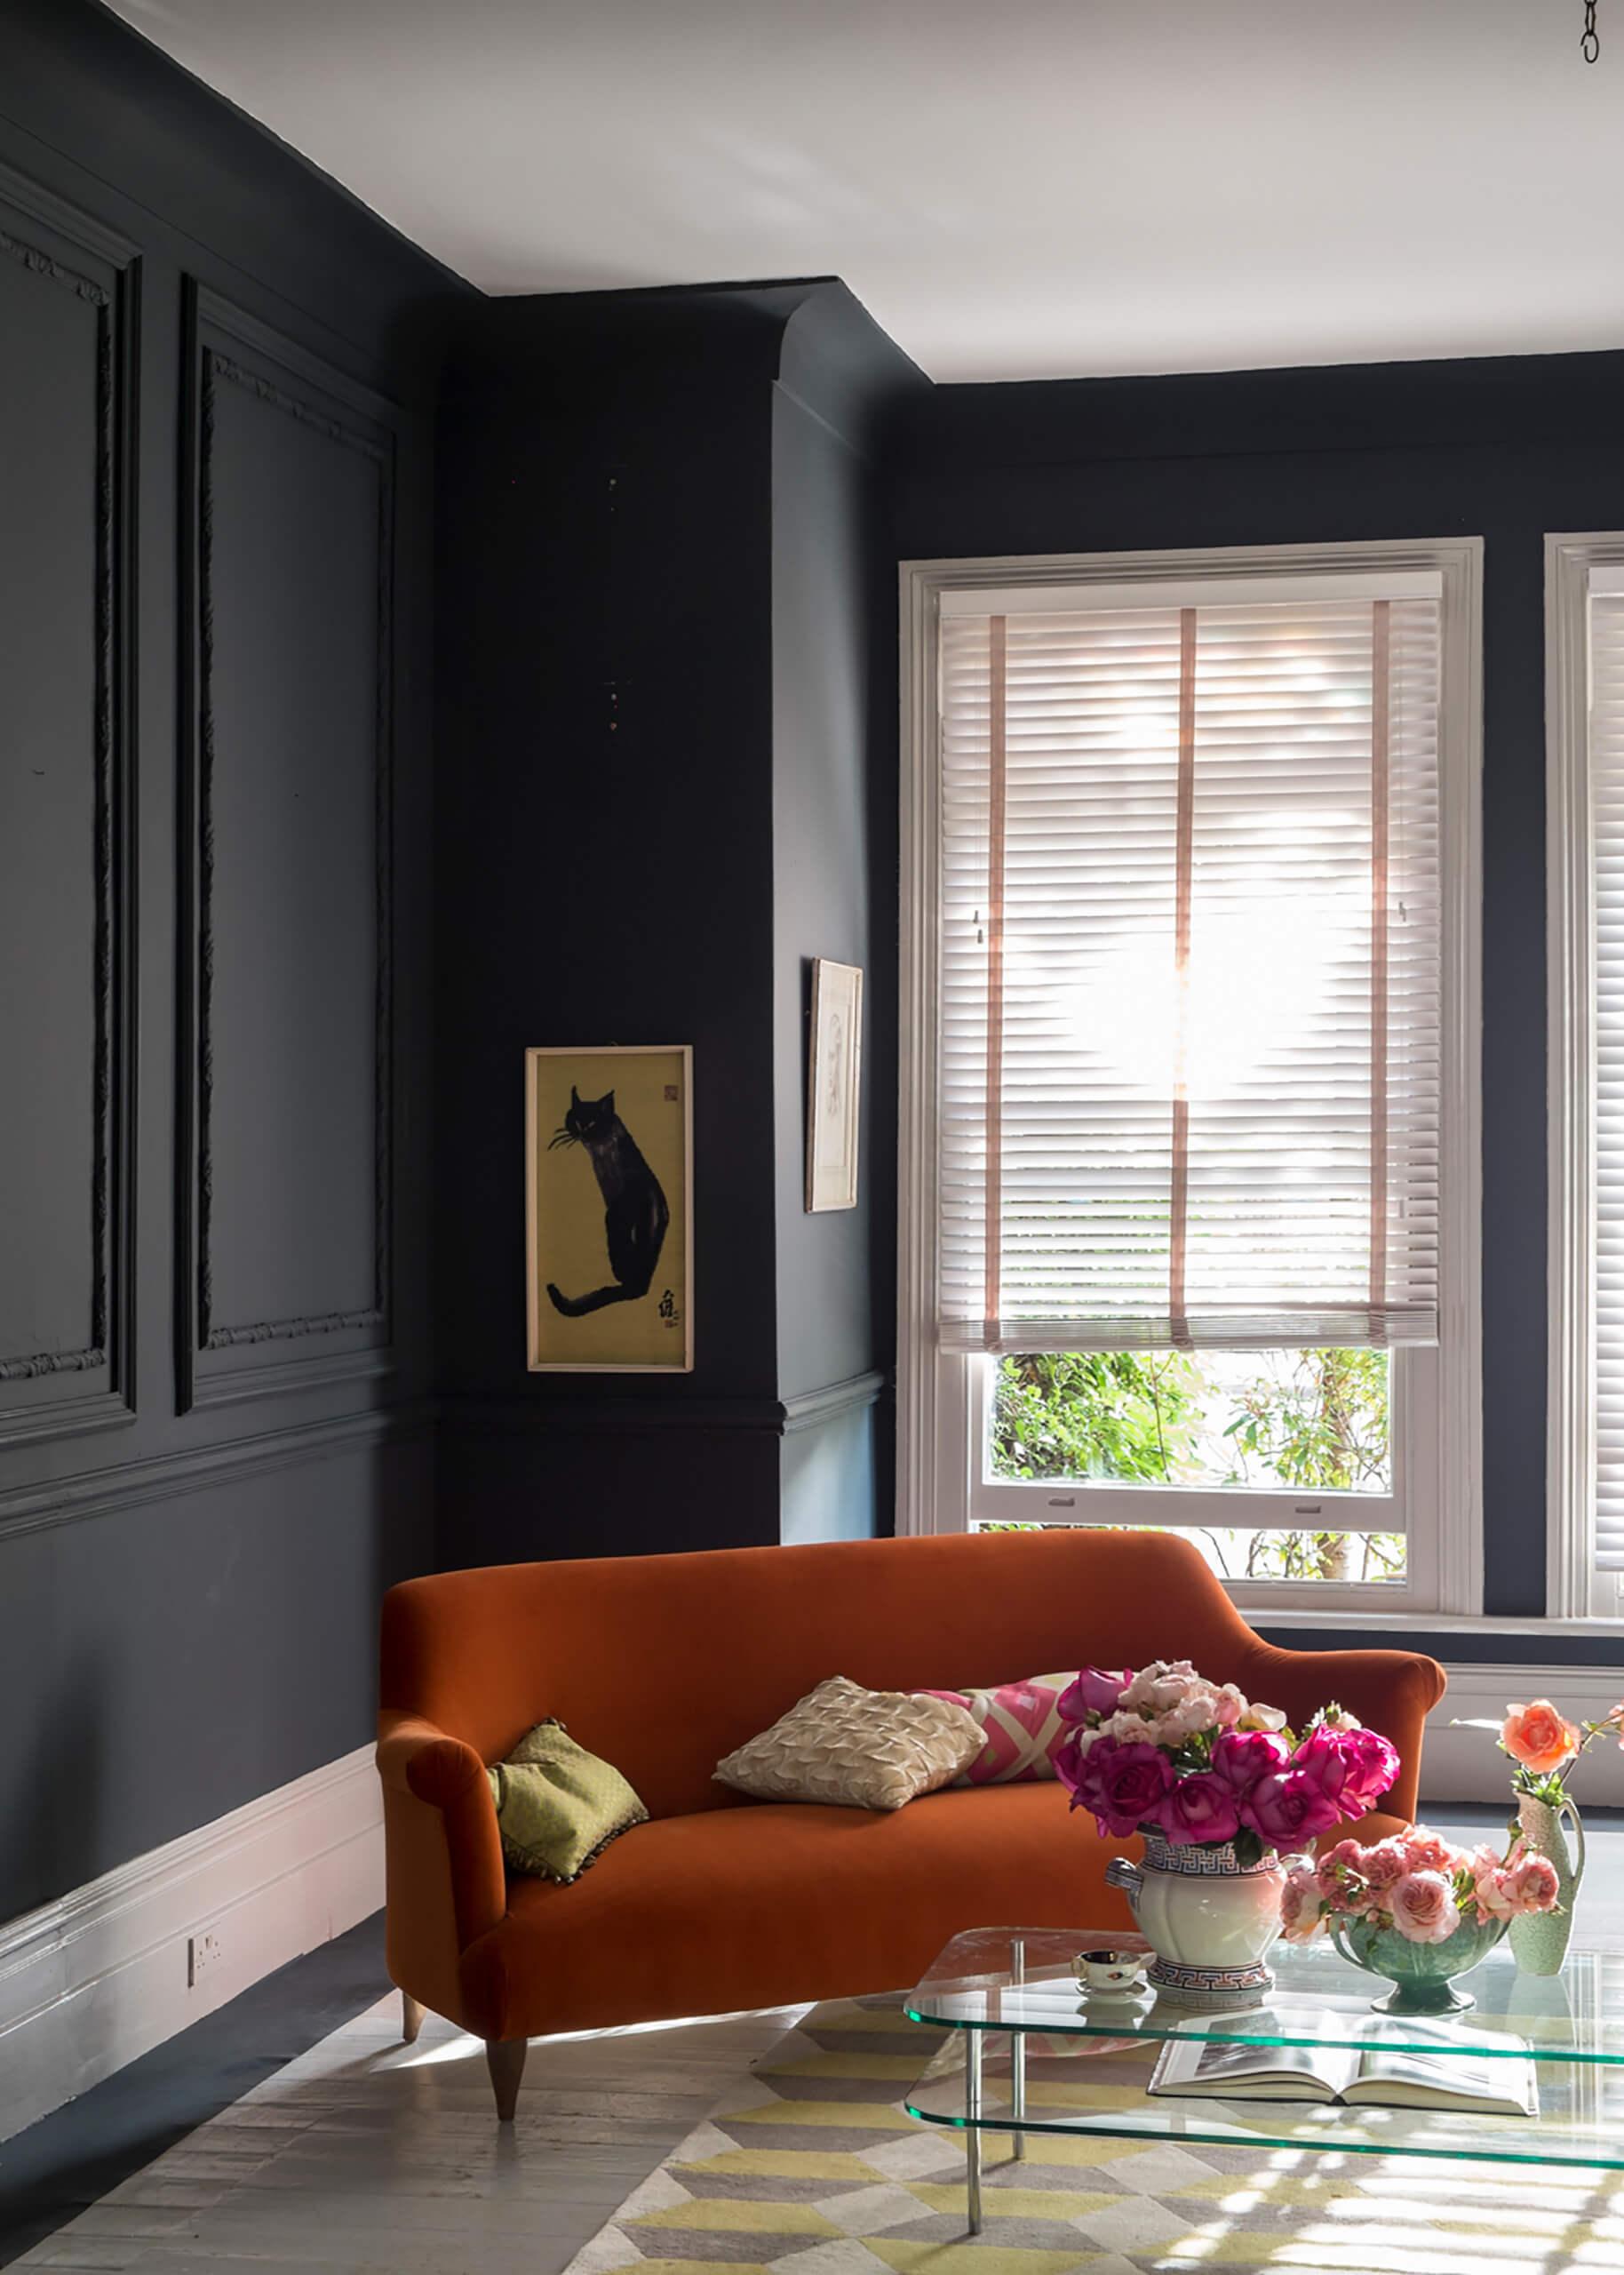 Wandfarben Für Dunkle Räume es werde licht mit dunklen farben adler wohndesign